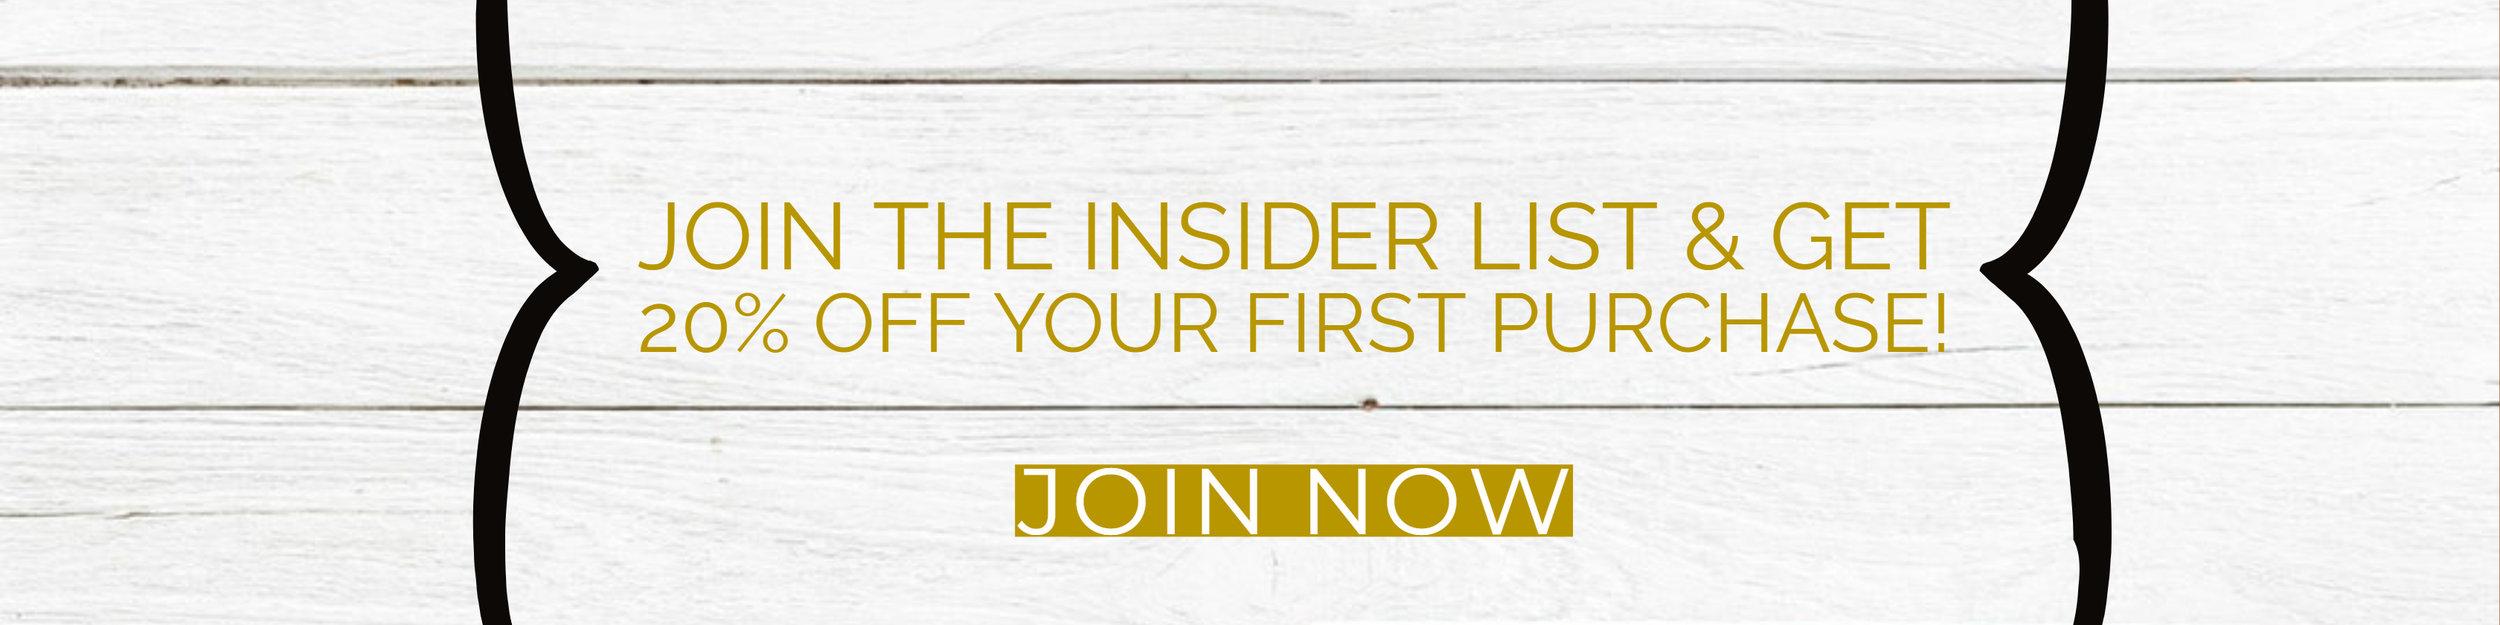 insider list banner 2019.jpg